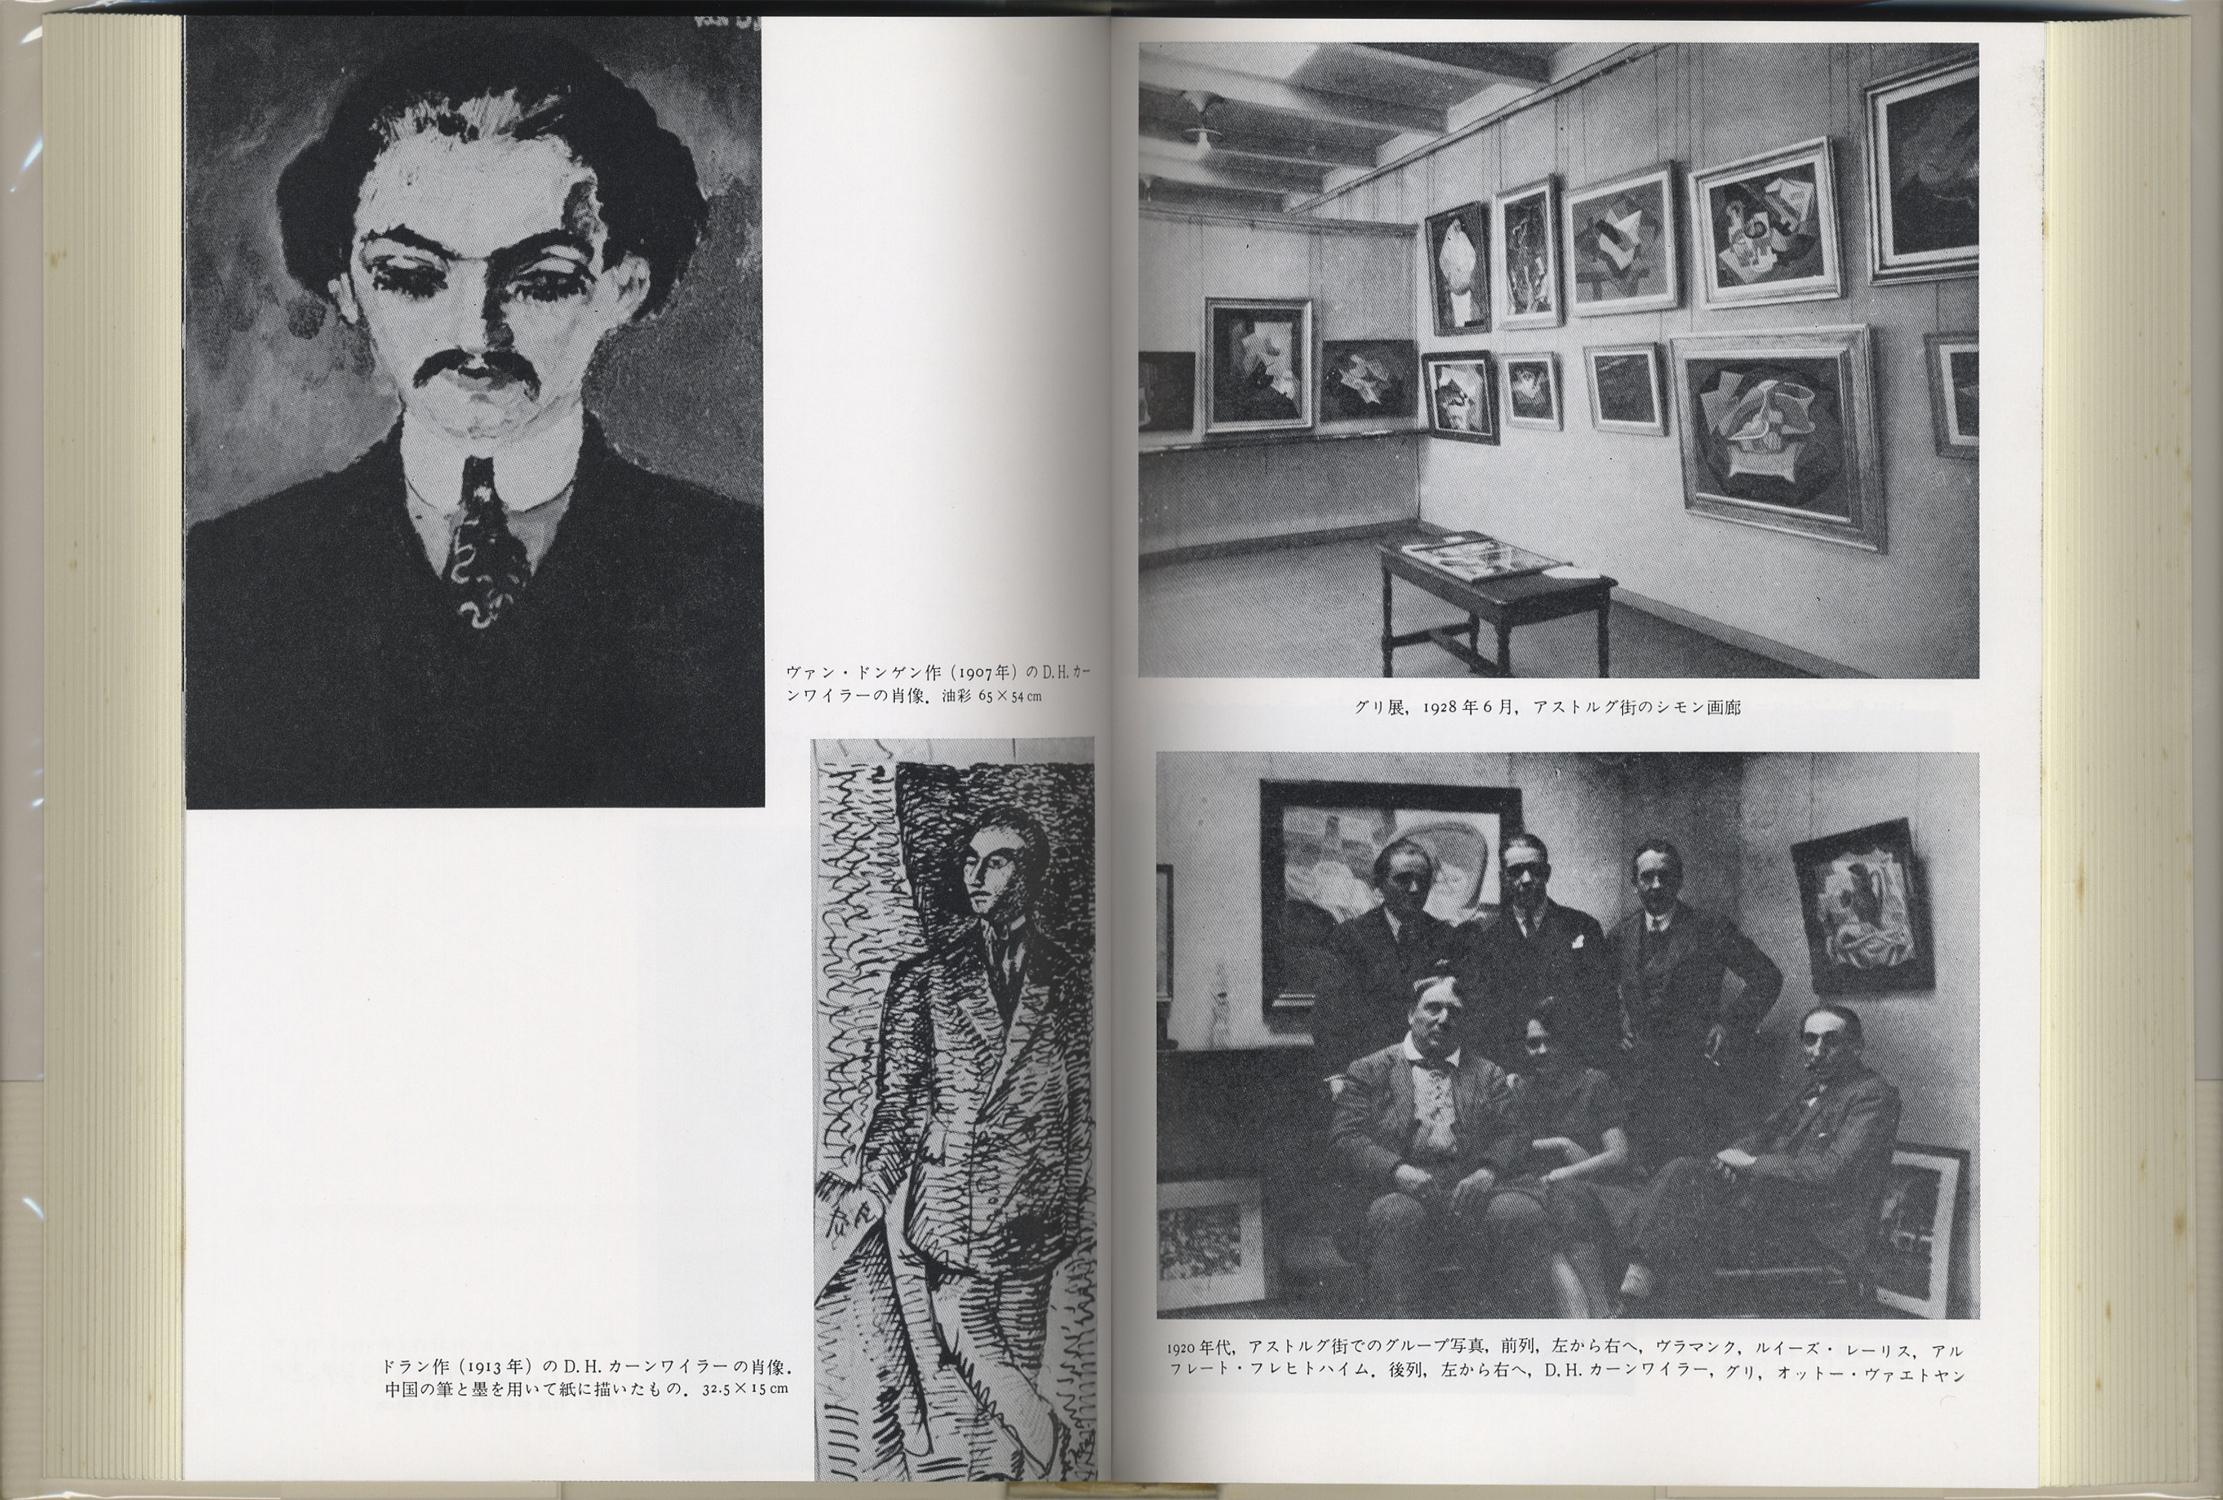 カーンワイラー 画商・出版人・作家[image3]